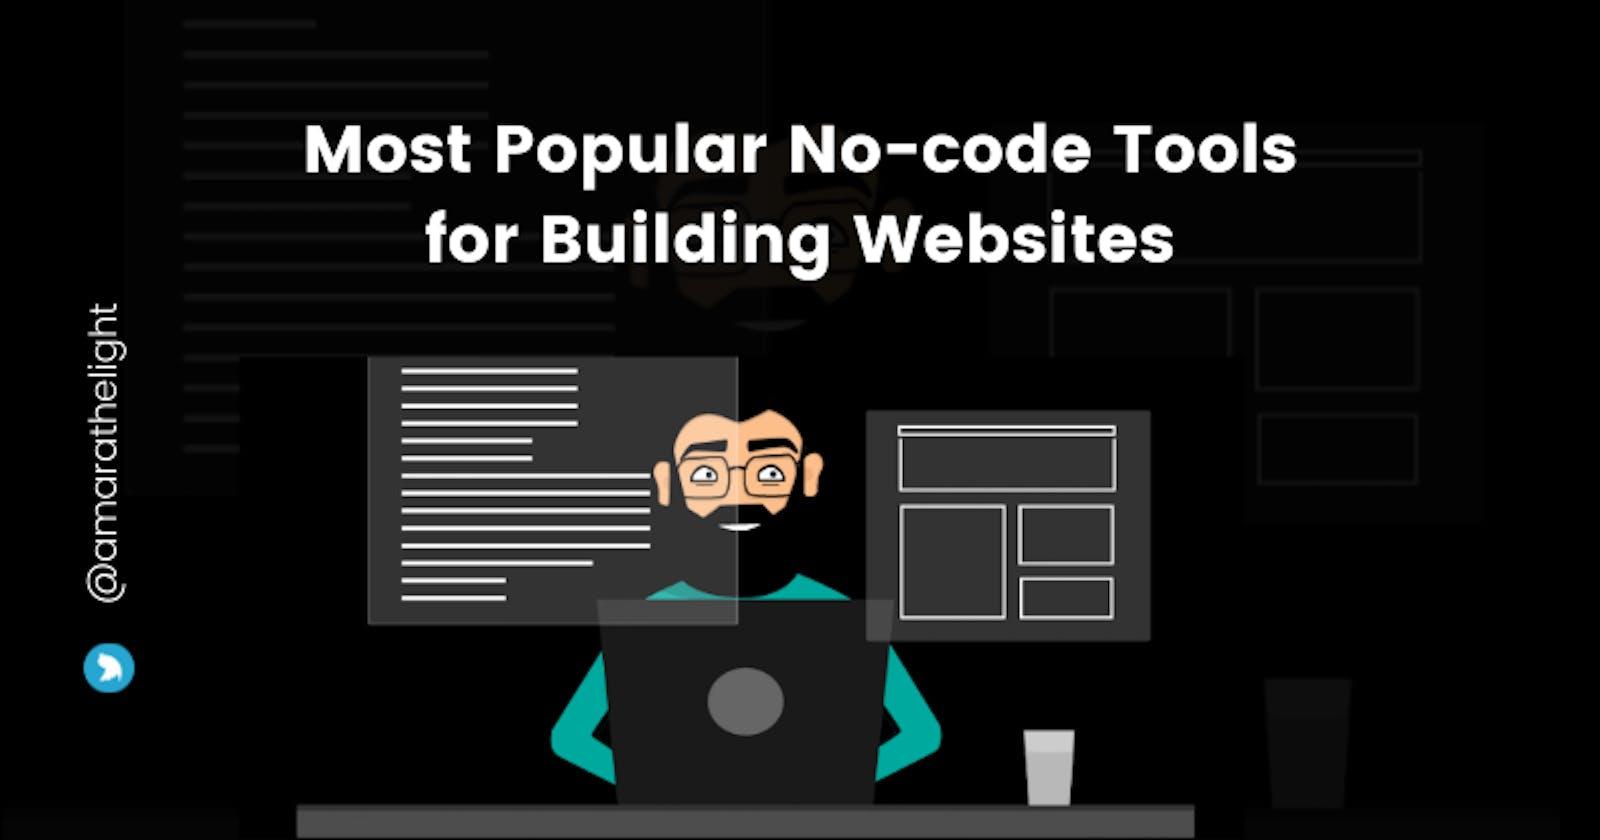 Most Popular No-code tools for Building Websites